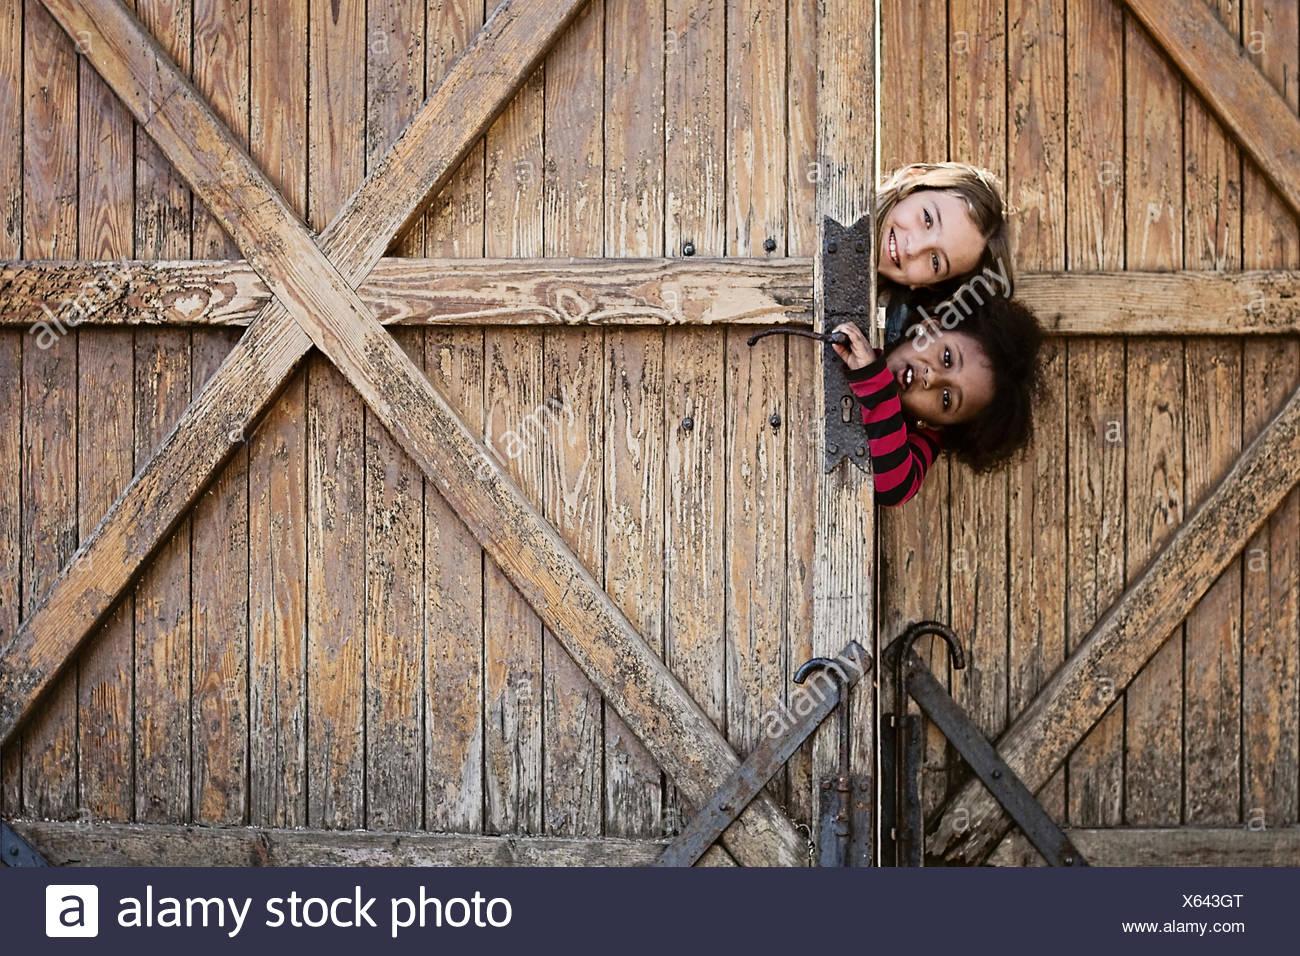 Two girls peeking round a wooden door - Stock Image